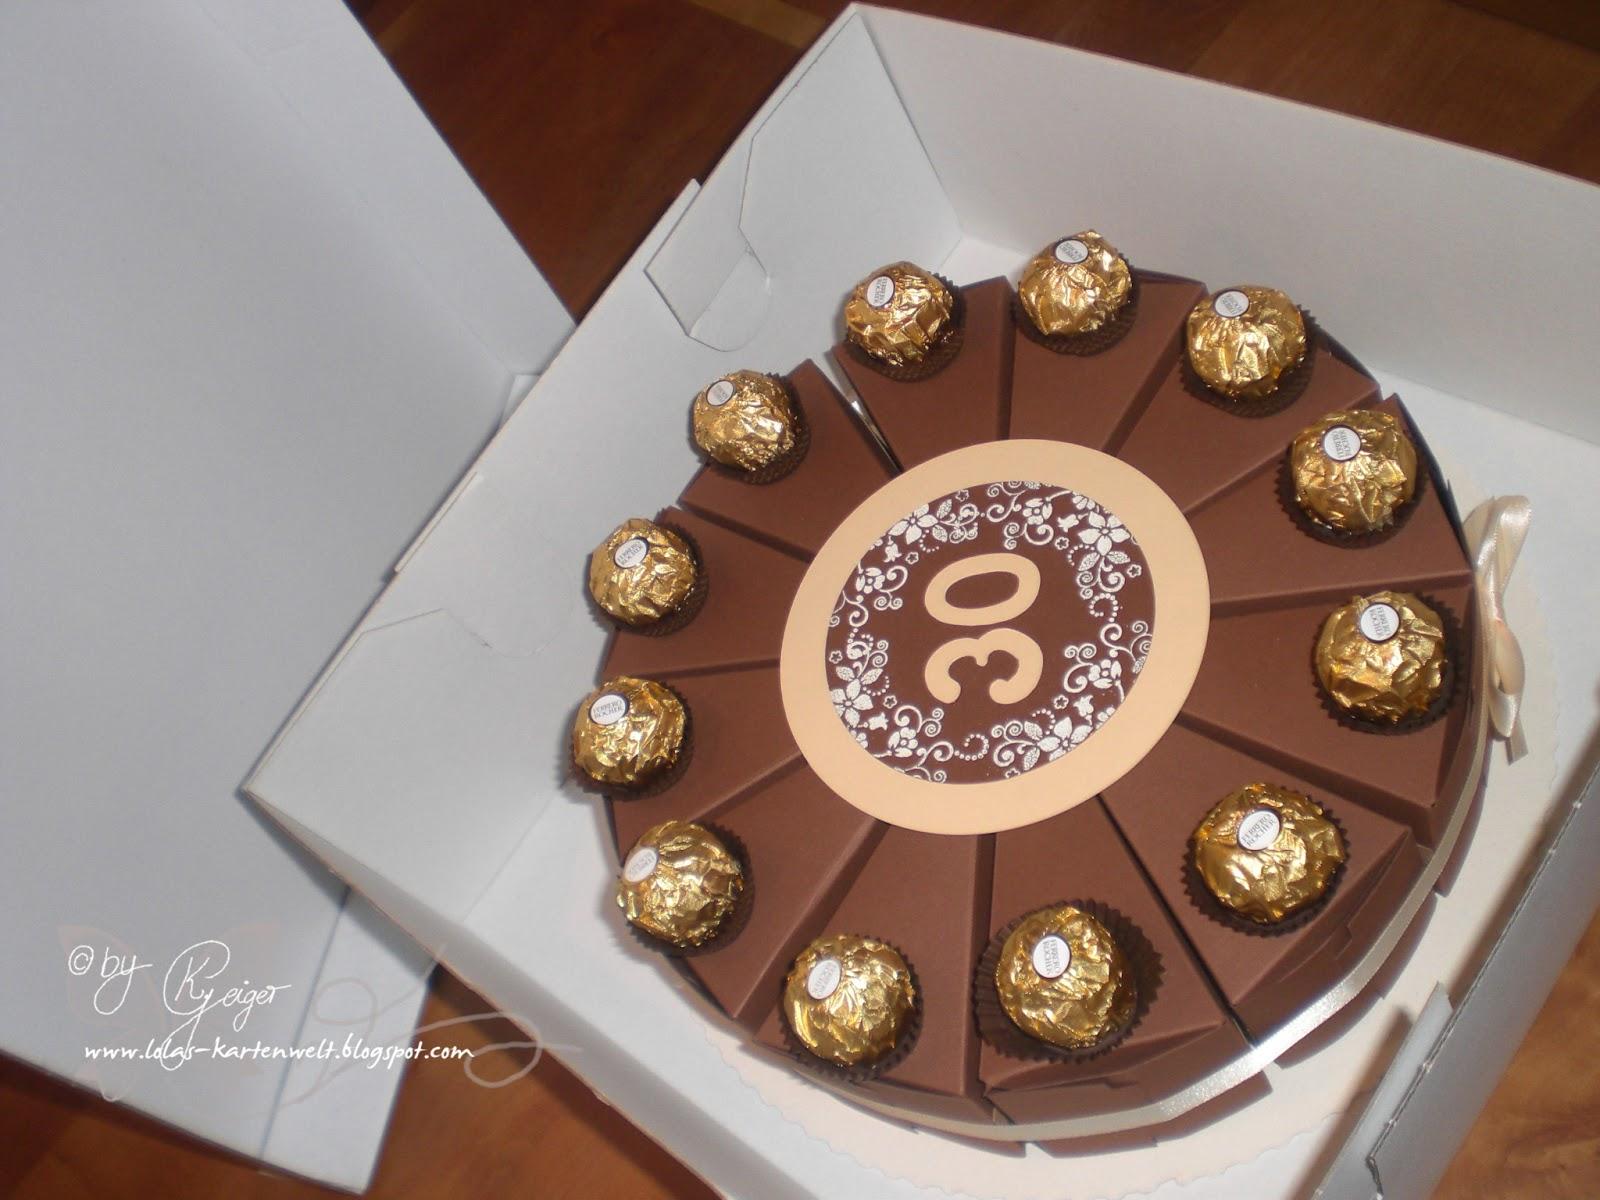 Torte 30 Geburtstag Kuchen Zum 30 Geburtstag Bilder Kuchen Zum 30